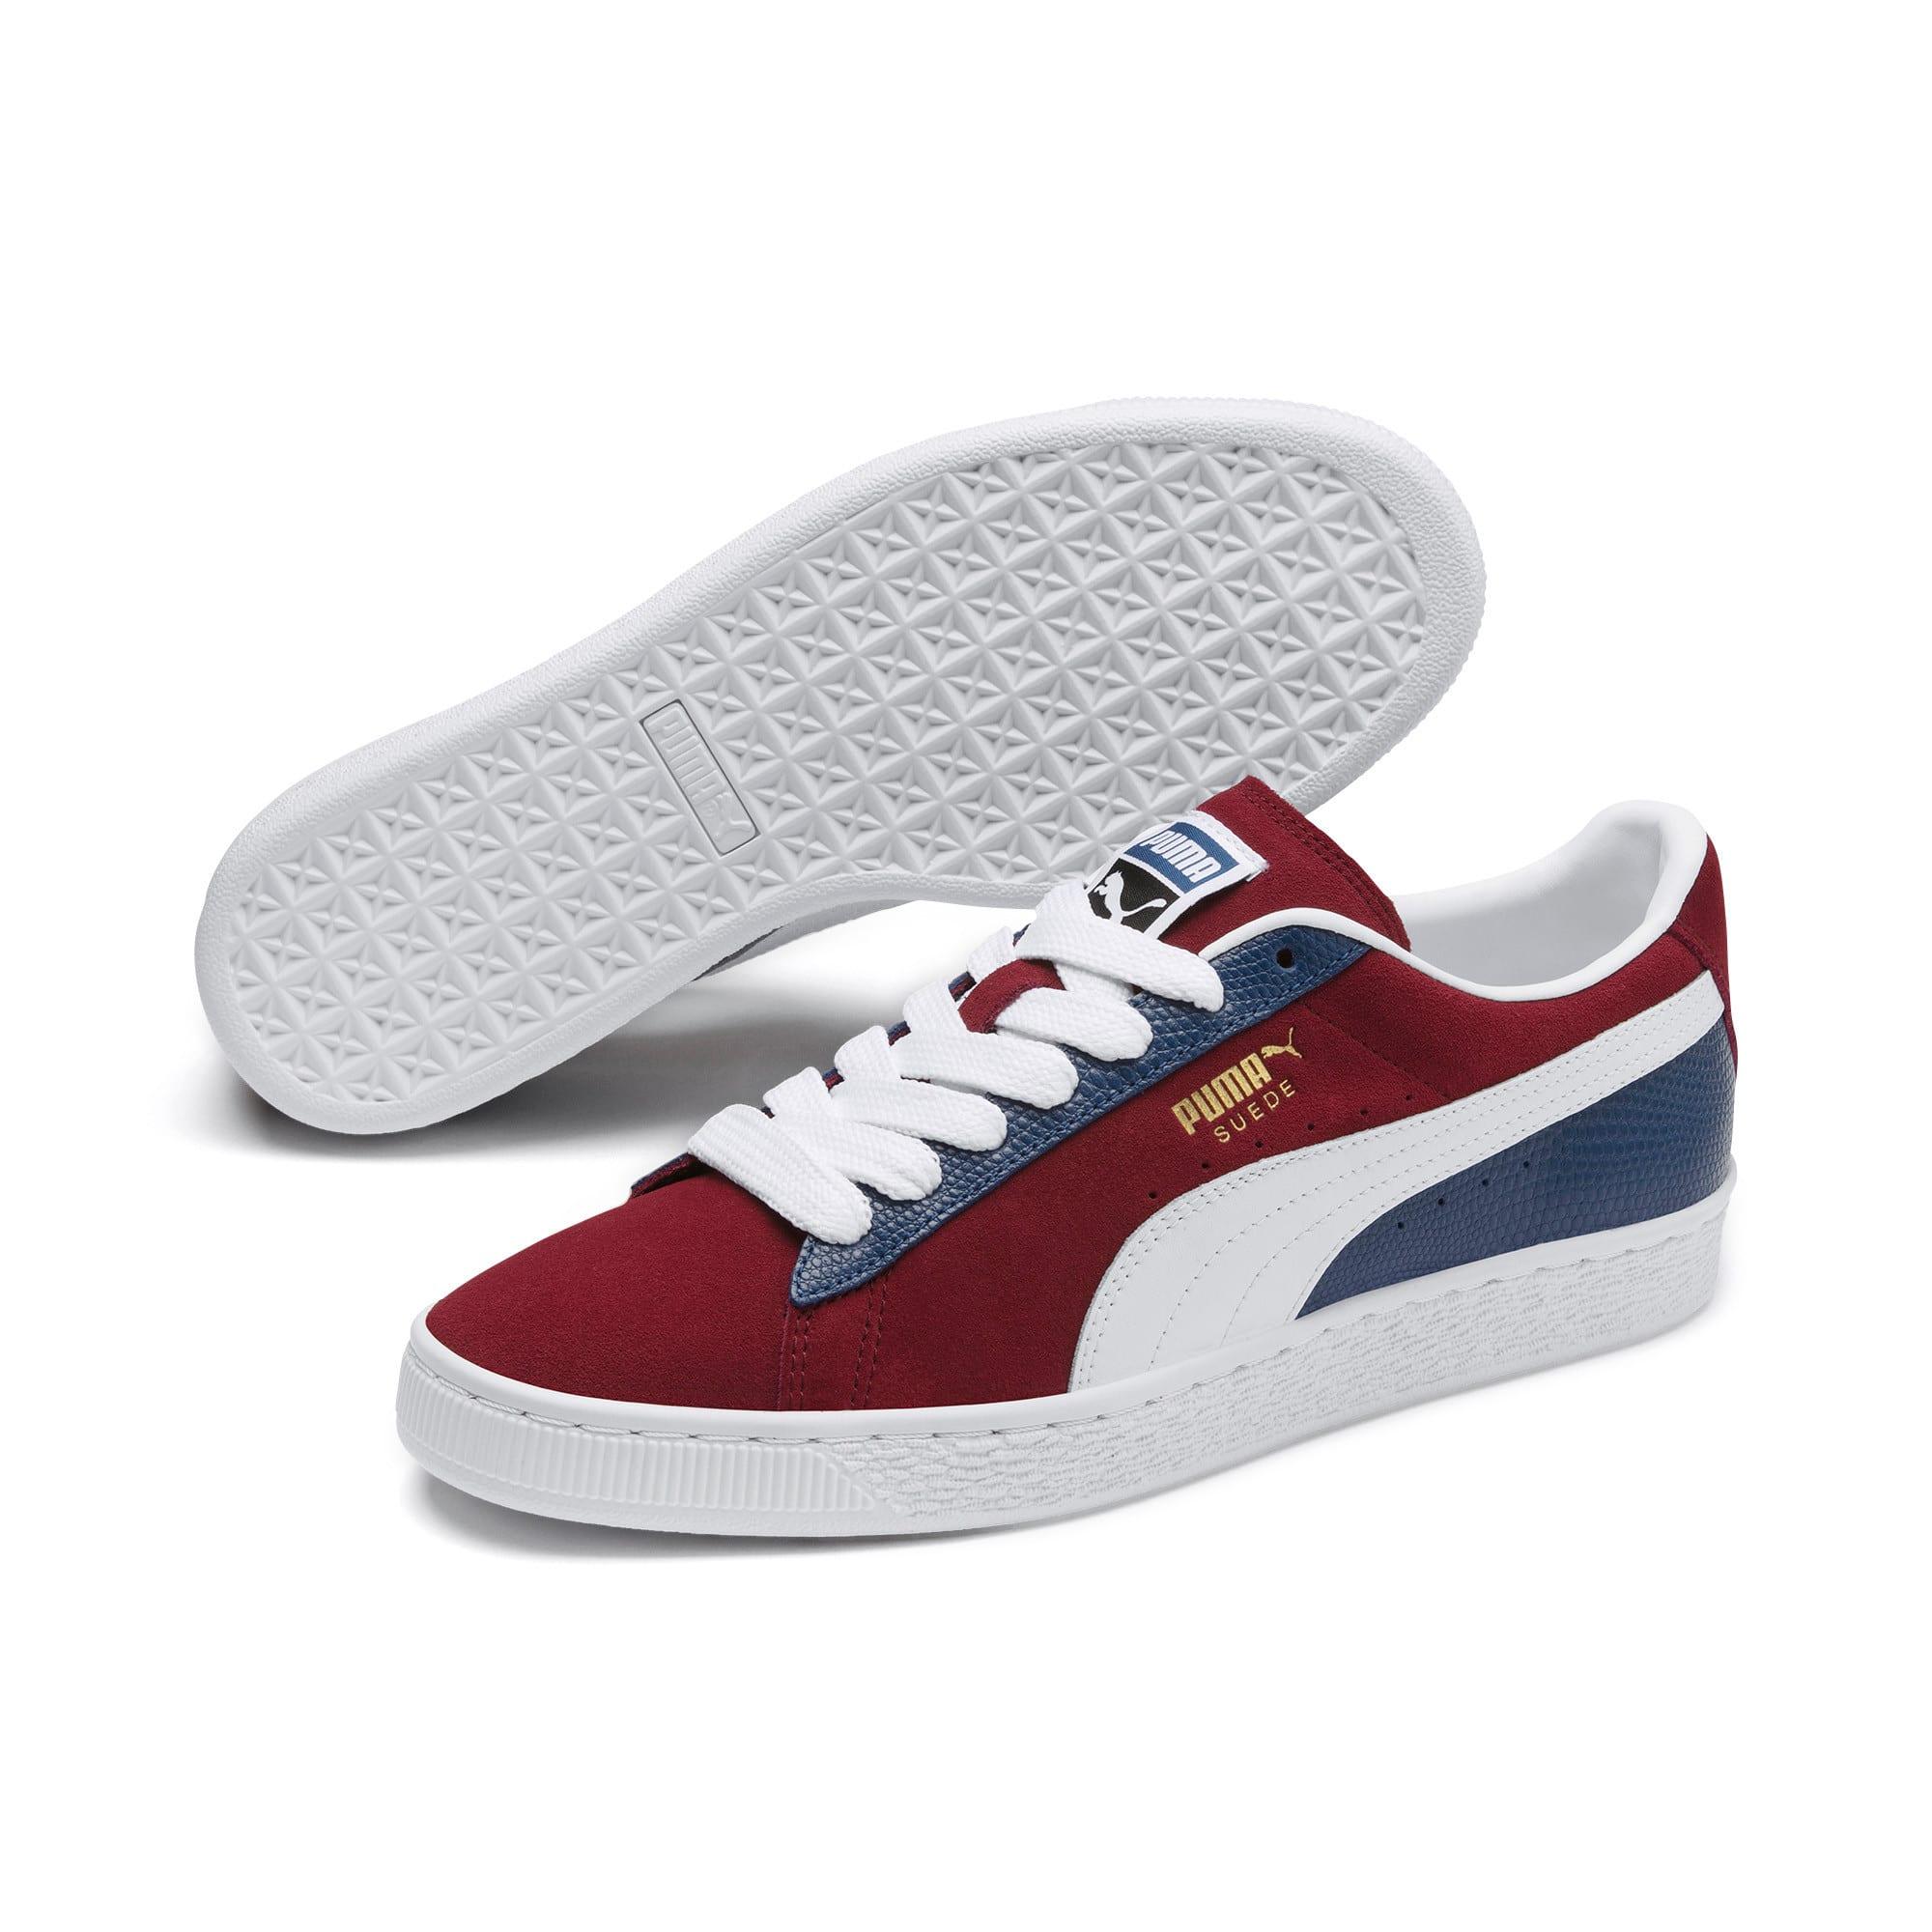 Miniatura 2 de Zapatos deportivos Suede Classic Block, Rhubarb-Azul-Blanco, mediano